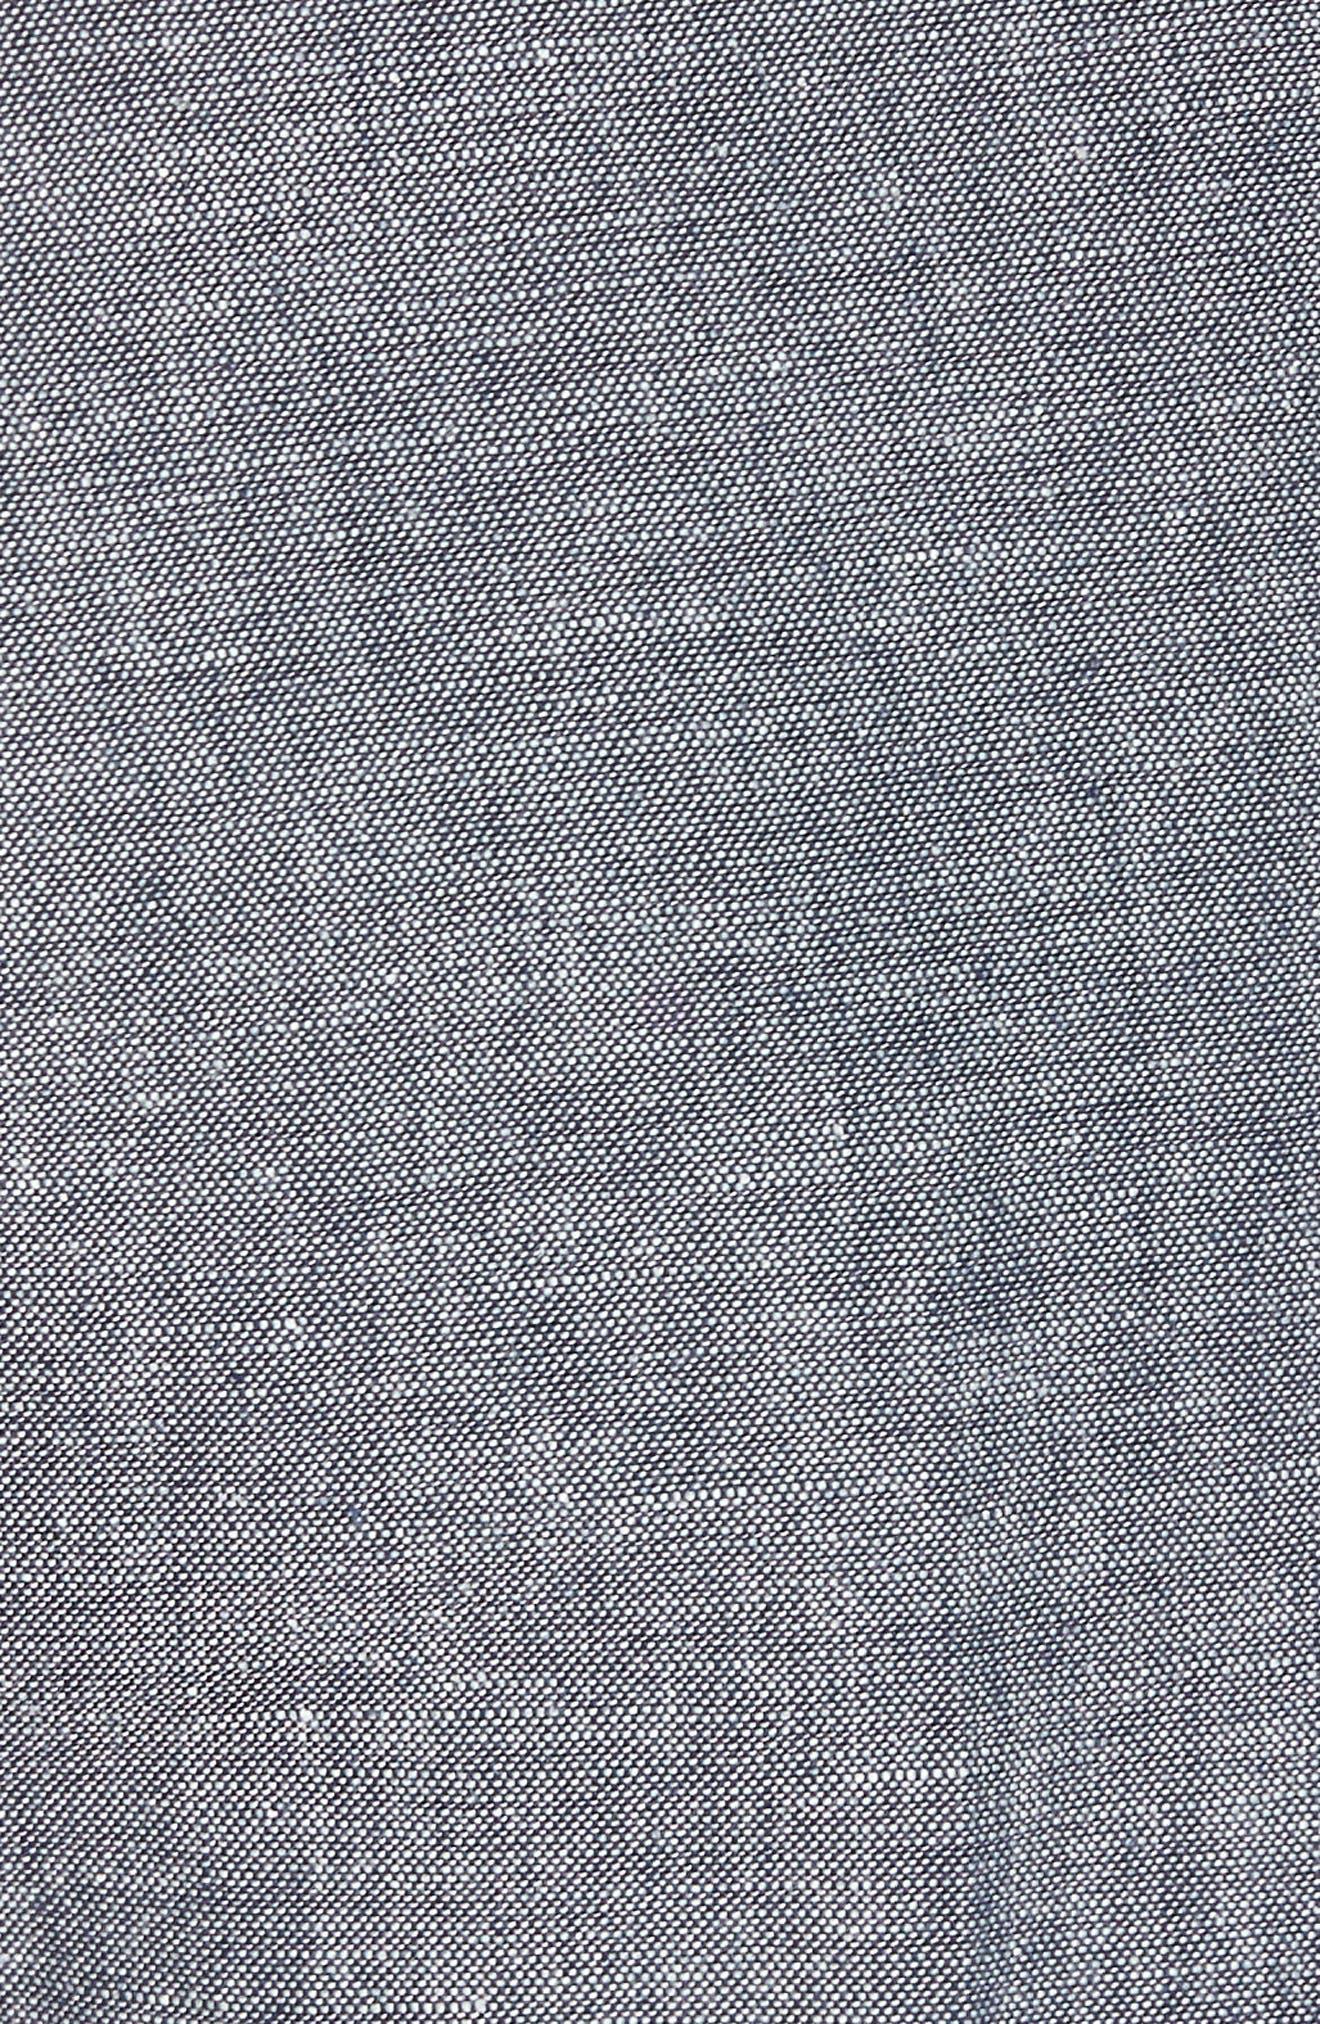 Ludlow Trim Fit Cotton & Linen Suit Pants,                             Alternate thumbnail 5, color,